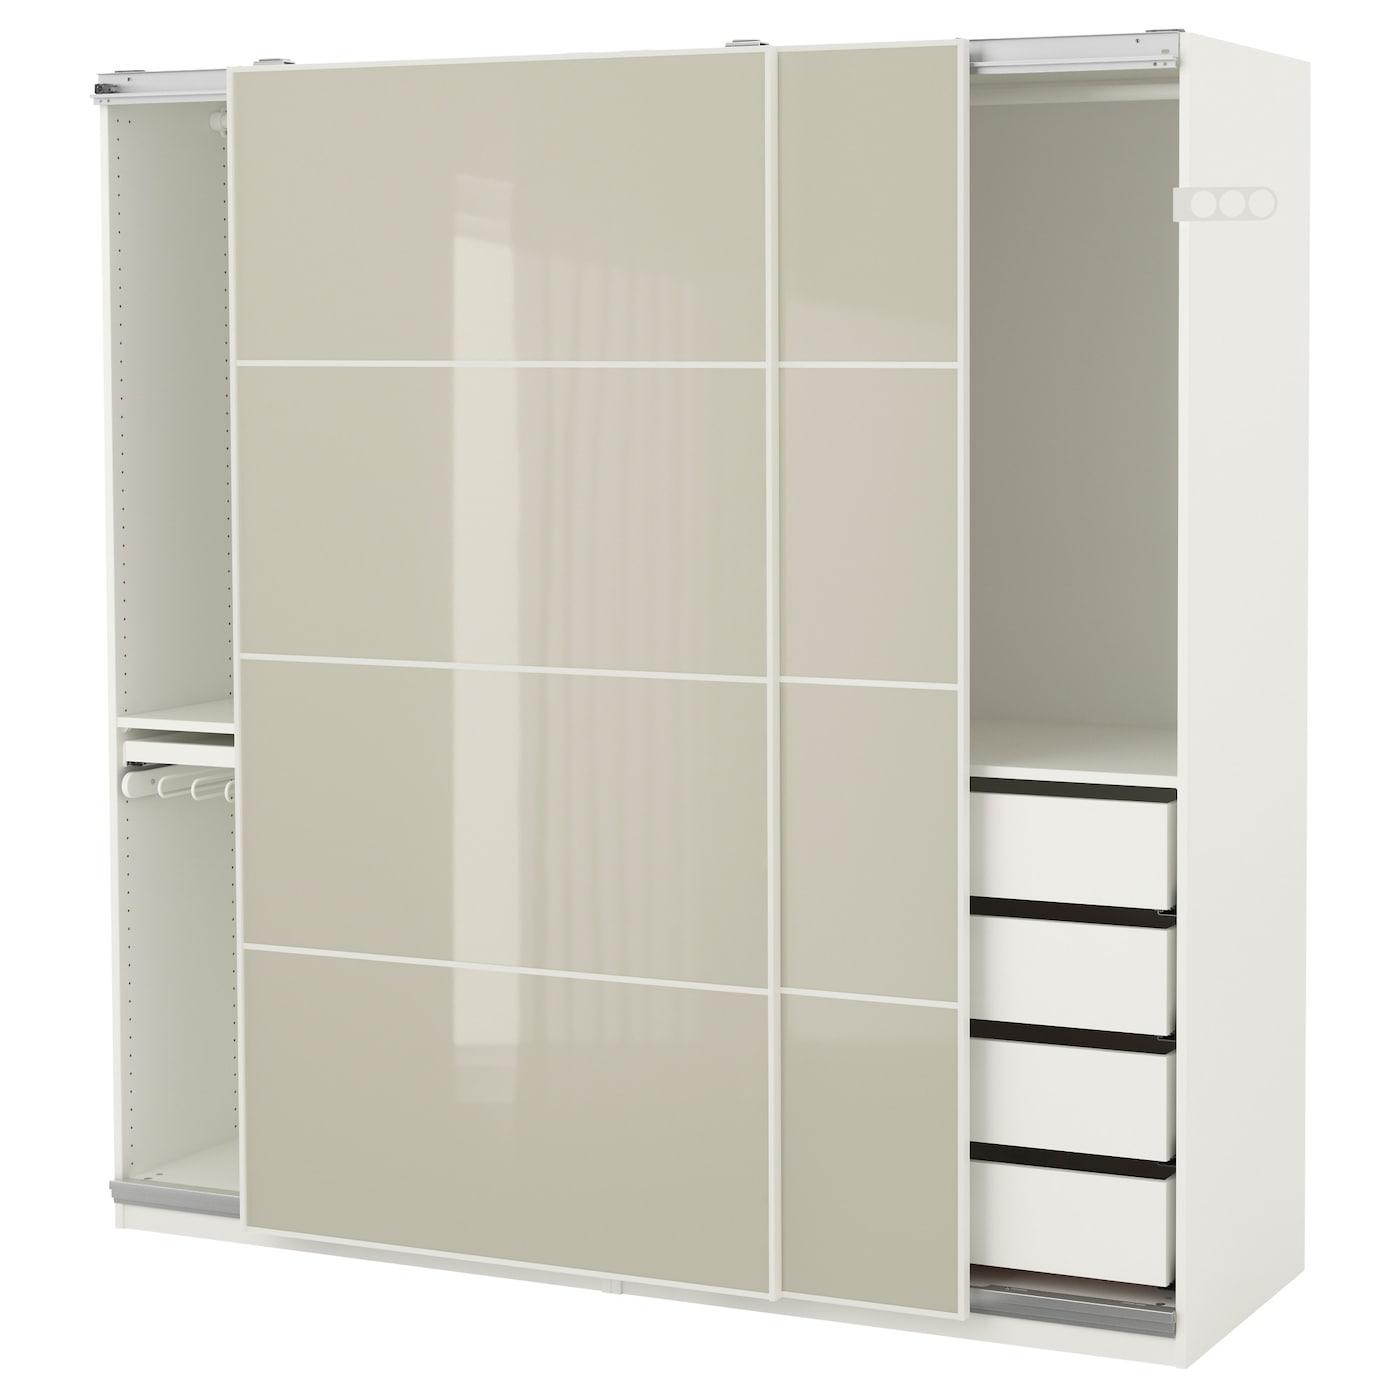 PAX | Schlafzimmer > Kleiderschränke > Drehtürenschränke | Weiß | Abs | IKEA